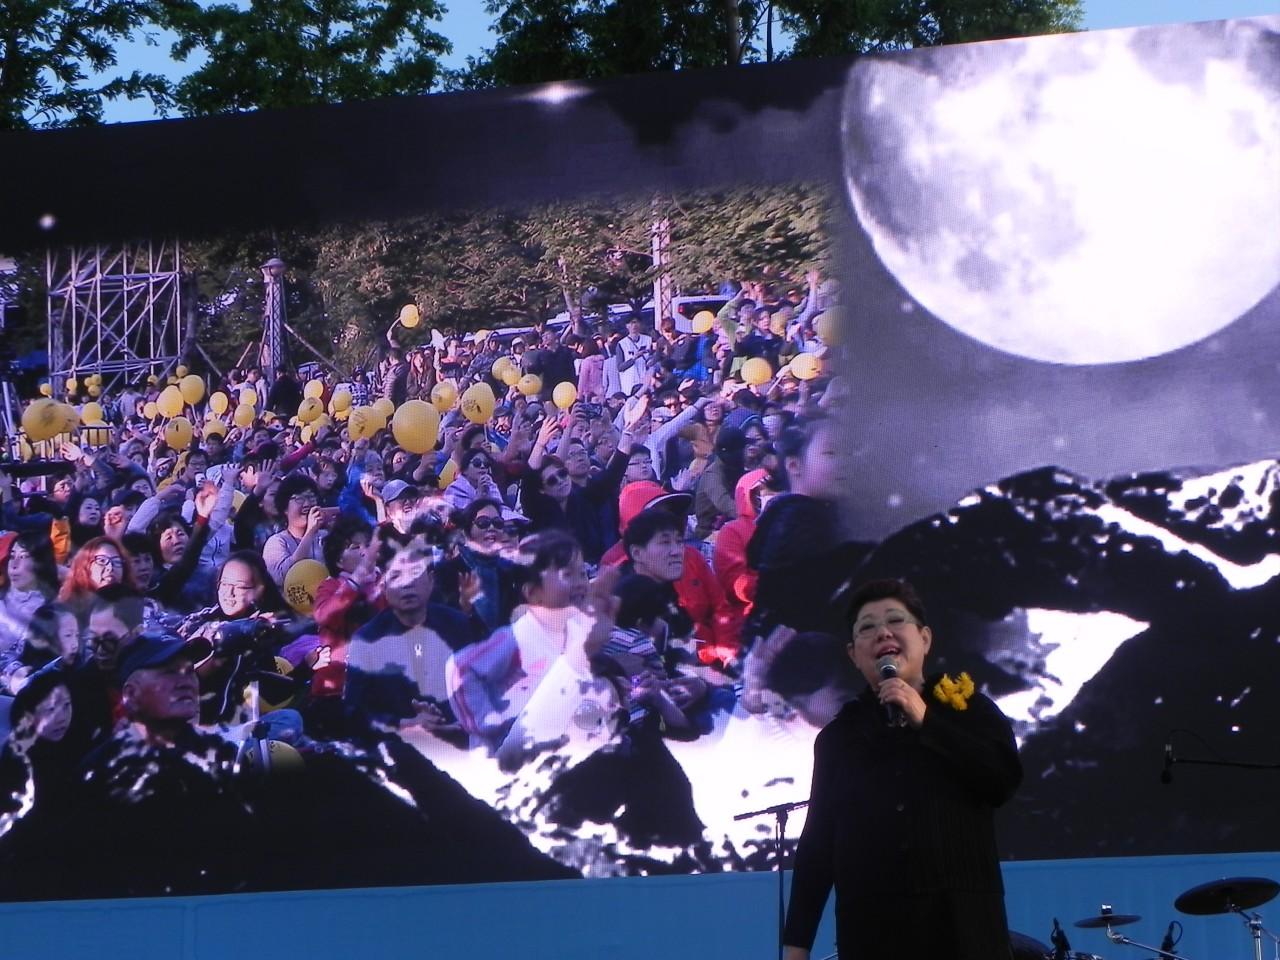 가수 양희은씨는 고 노무현 대통령의 애창곡인 '상록수'을 마지막 곡으로 불렀다.